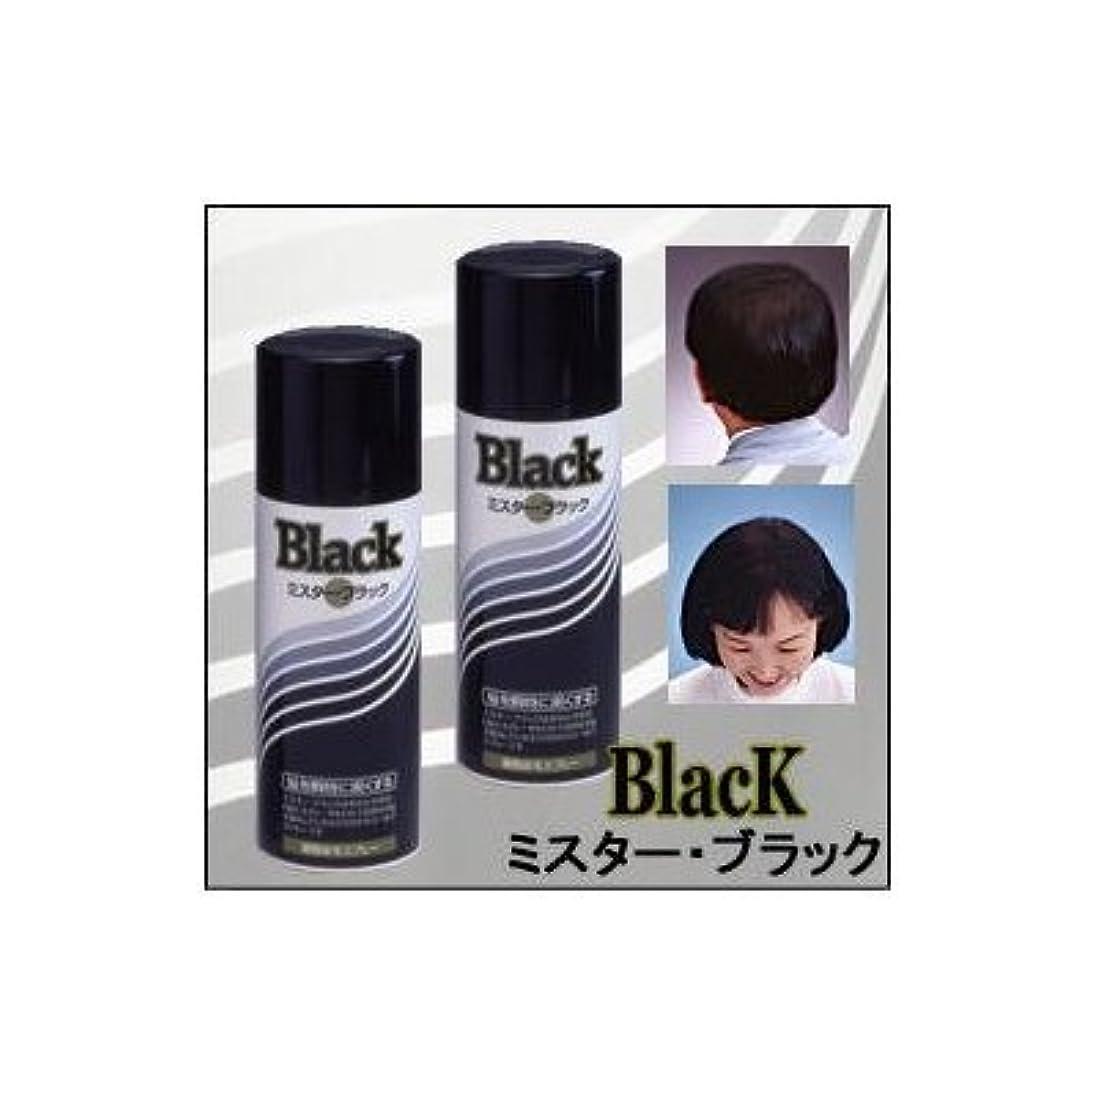 悪用ビデオ記述する『ミスターブラック ? 男女兼用』 薄毛対策スプレー  瞬時に対応 ?染毛料? 日本製 (3本組)